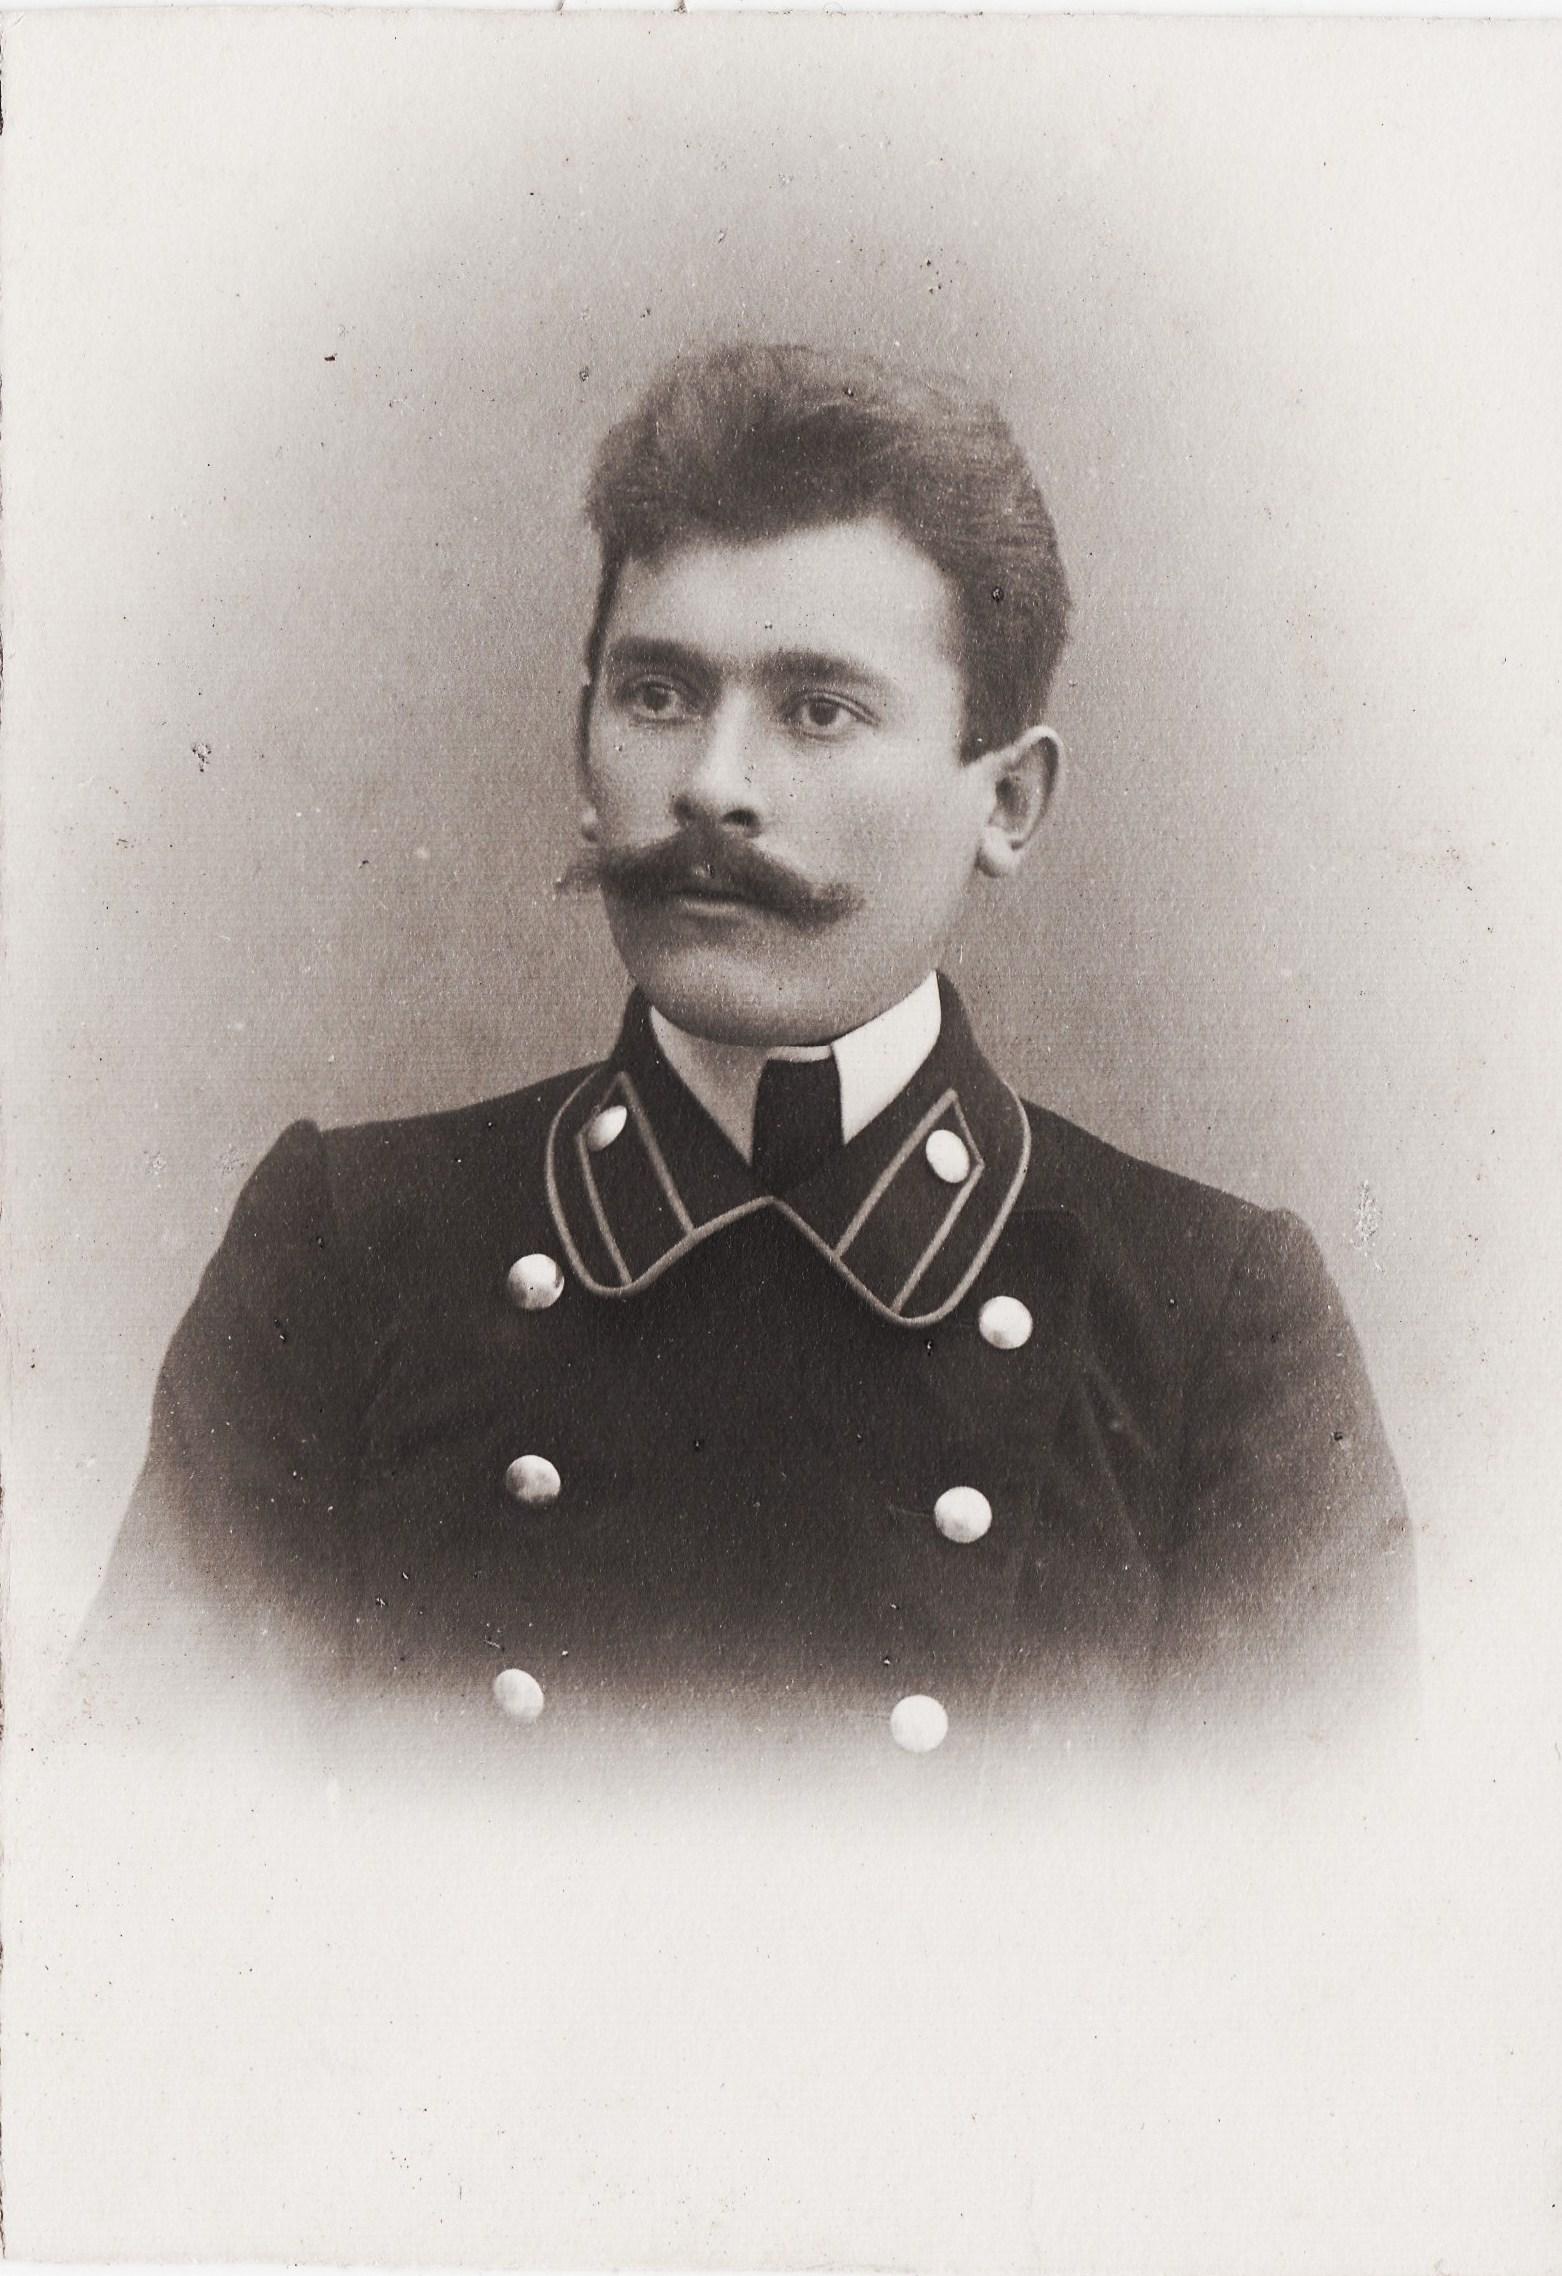 Студент Миловидов Алексей Иванович. II отделение 2 разряд. ( В 1922 арестован. В заключении повредился умом, и вскоре душевнобольной узник был отпущен. Умер в 1924)